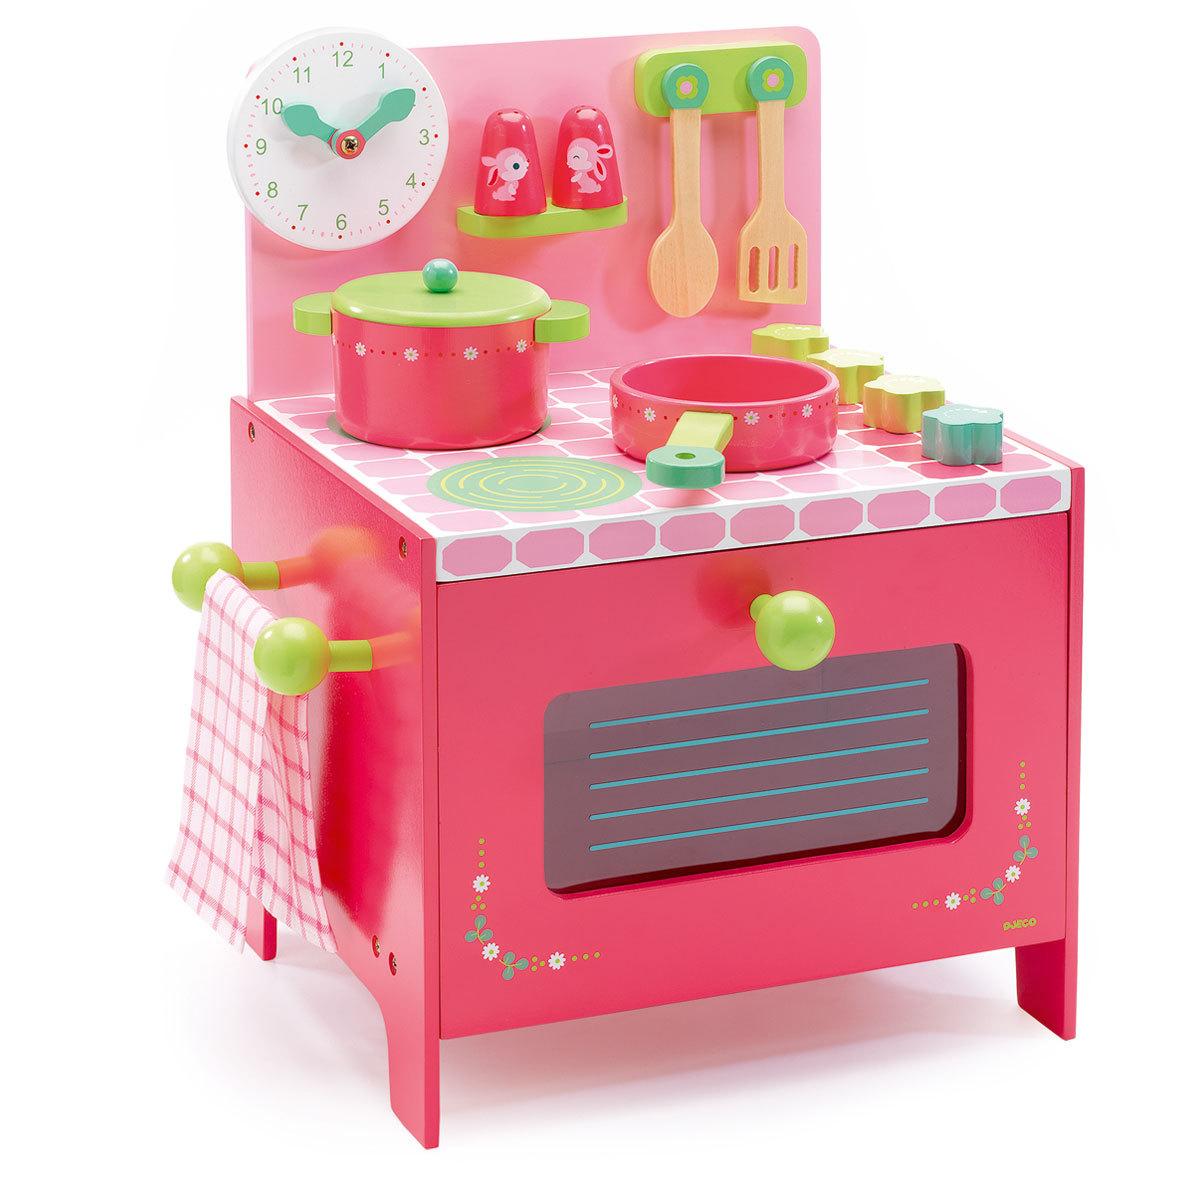 Mes premiers jouets La Cuisinière de Lili Rose La Cuisinière de Lili Rose